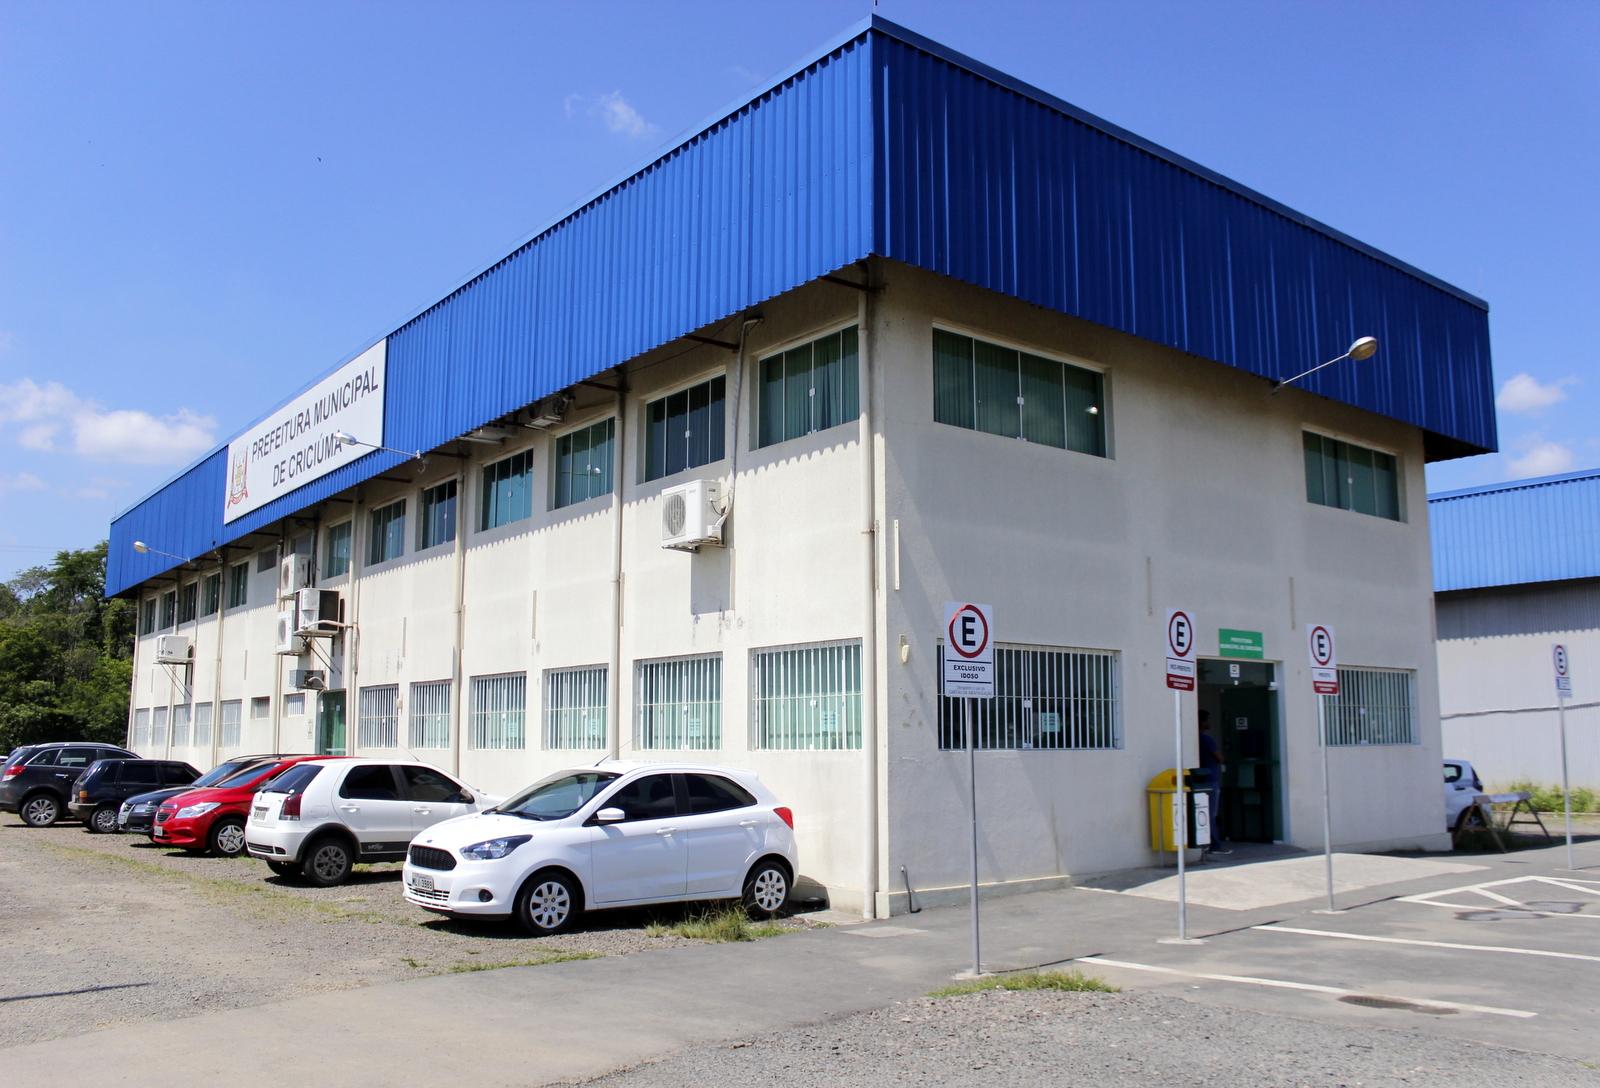 Prefeitura Municipal de Criciúma - Prefeitura de Criciúma deposita segunda parcela do 13º salário